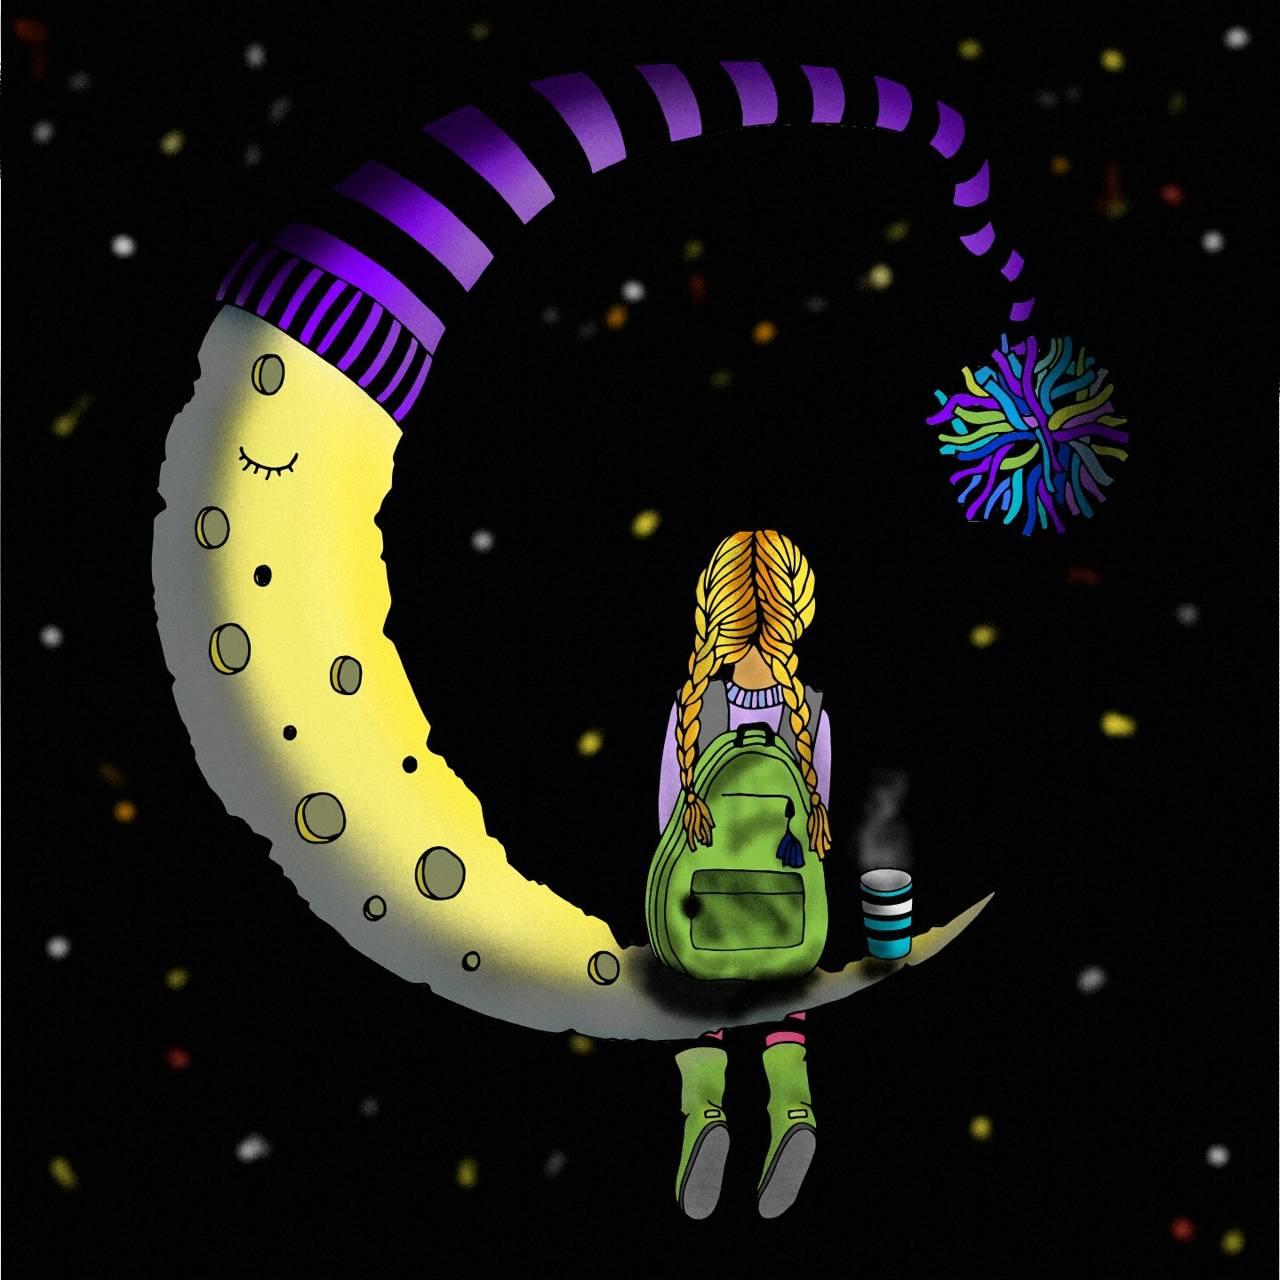 Moonlight Thinker